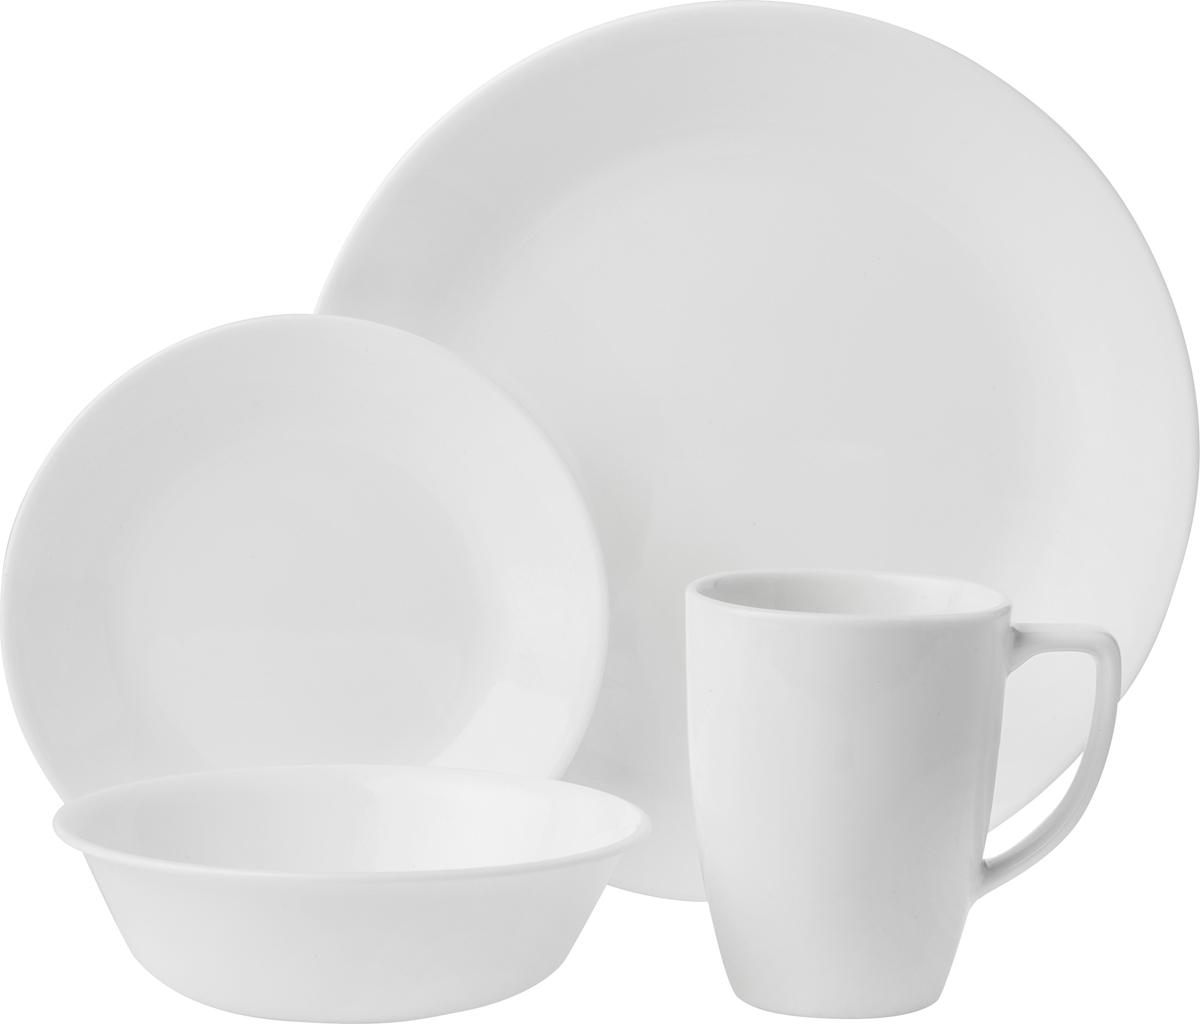 Набор посуды Corelle Winter Frost White, цвет: белый, 16 предметов. 6022003 набор посуды corelle winter frost white цвет белый 16 предметов 6022003